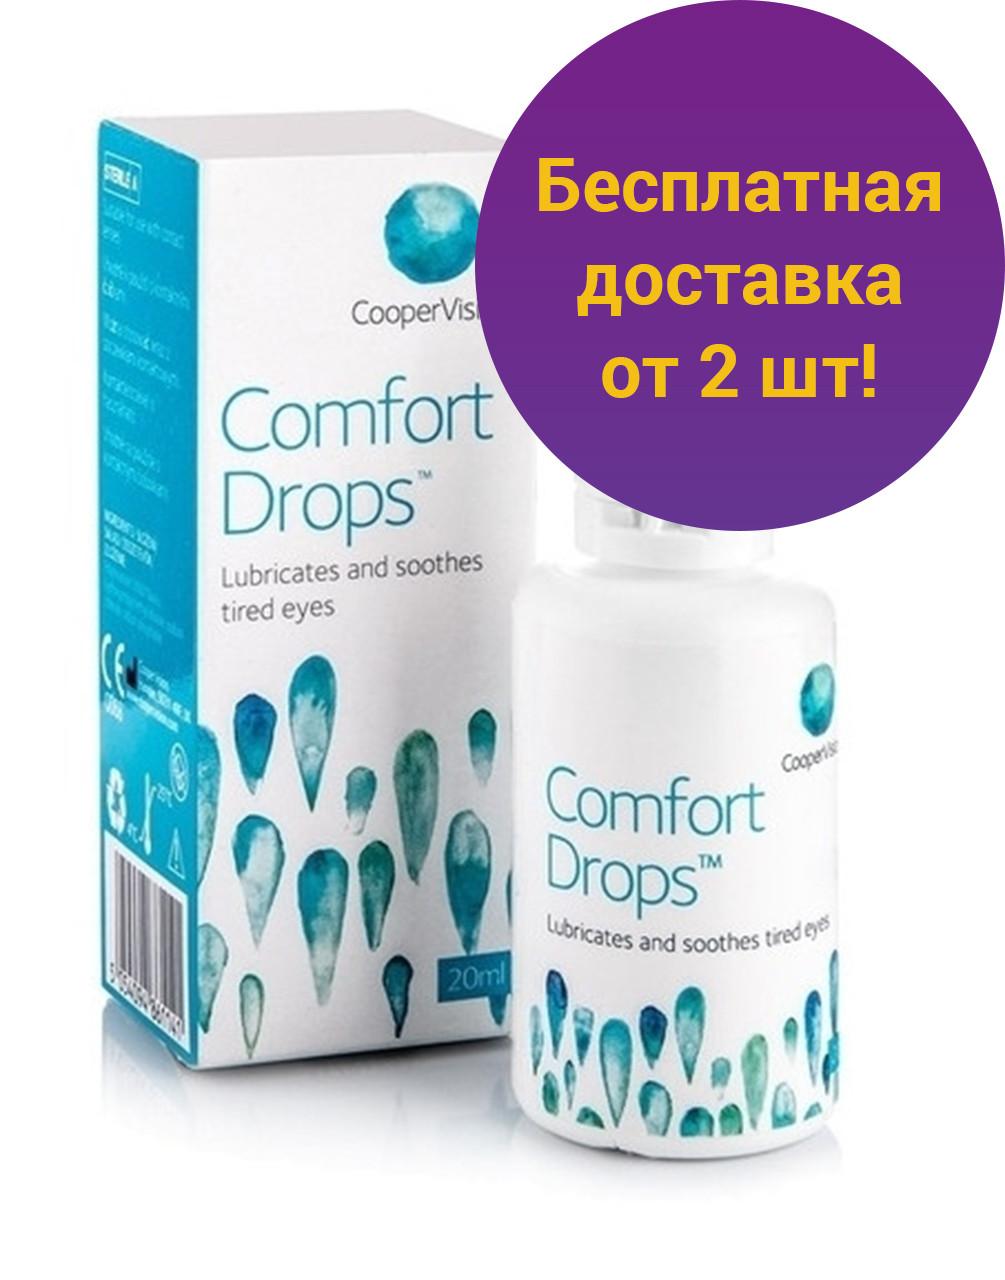 Comfort Drops 20 мл. Краплі для зволоження очей